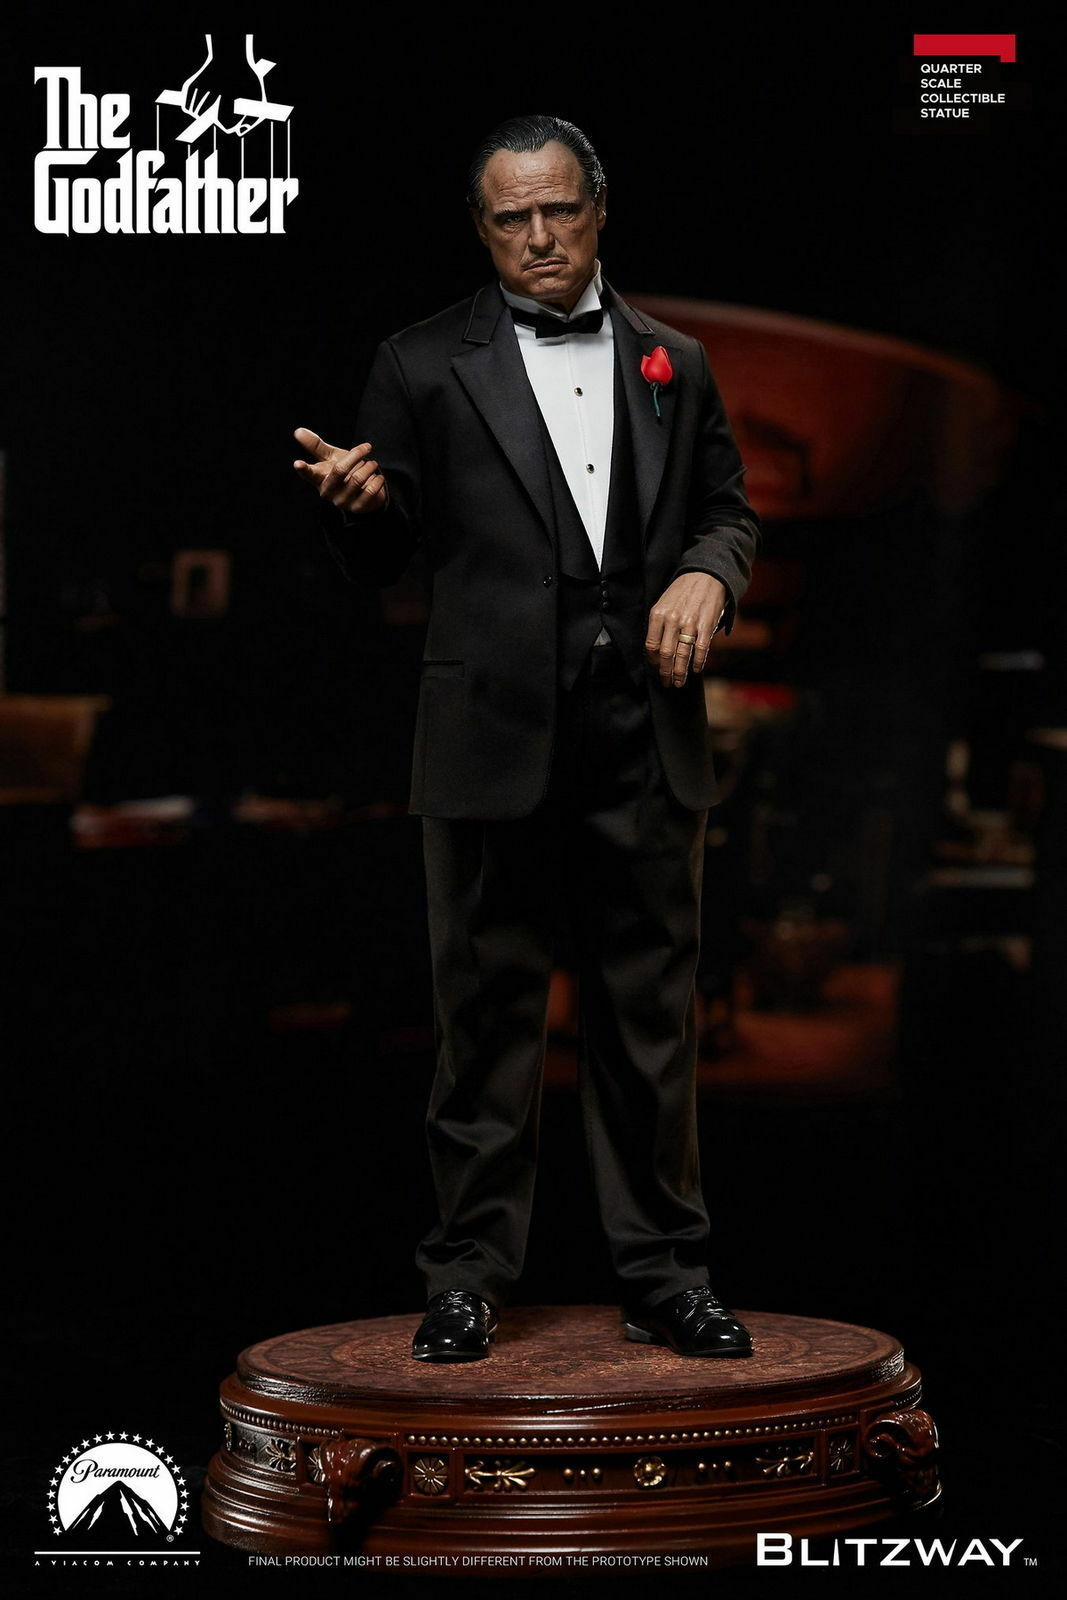 Blitzway 1 4 BW-SS-20301 The Godfather 1972 Ver Vito Corleone Statue Pres-ale